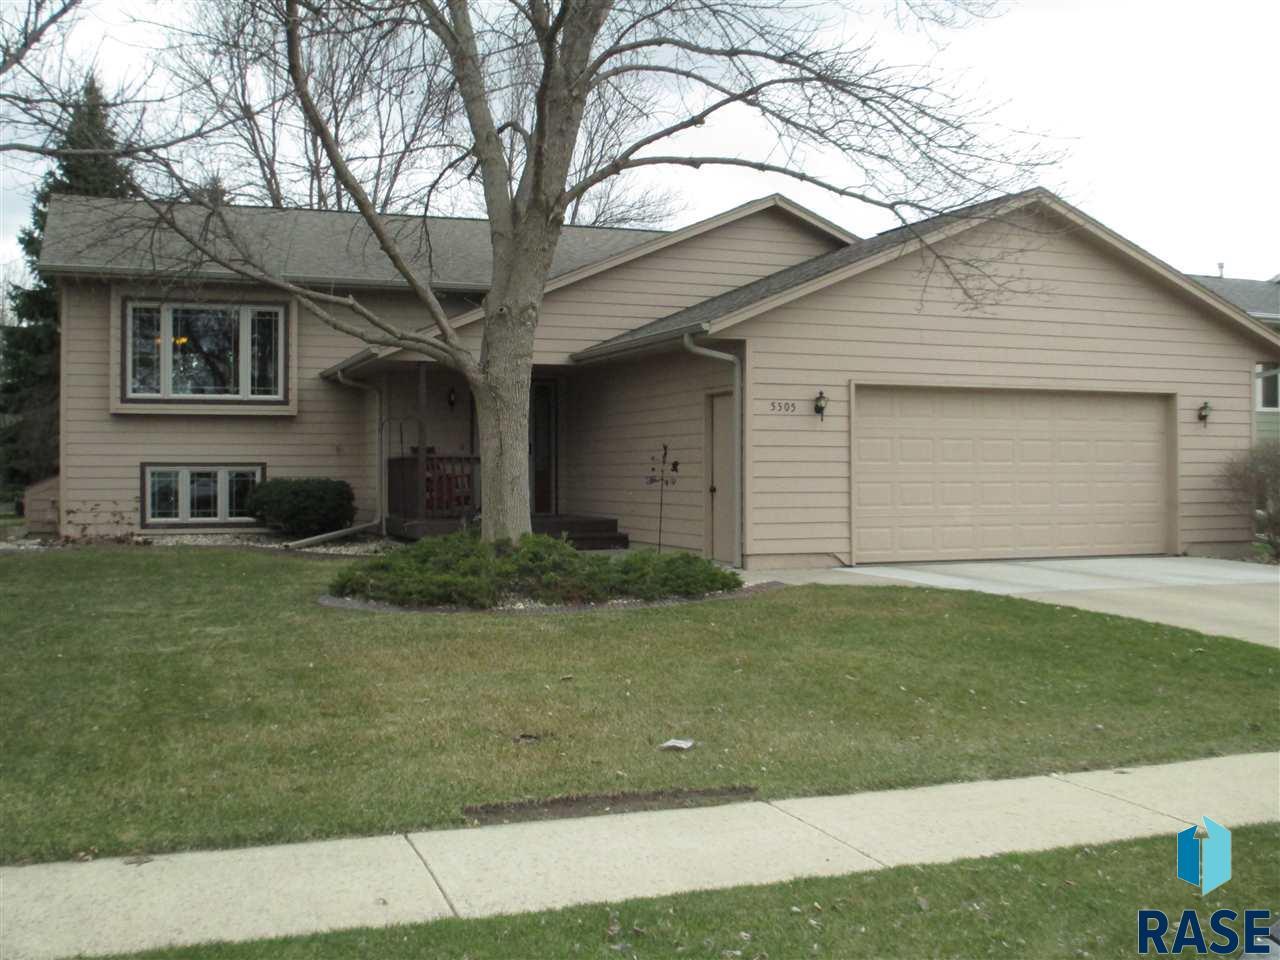 5505 W 23rd St, Sioux Falls, SD 57106